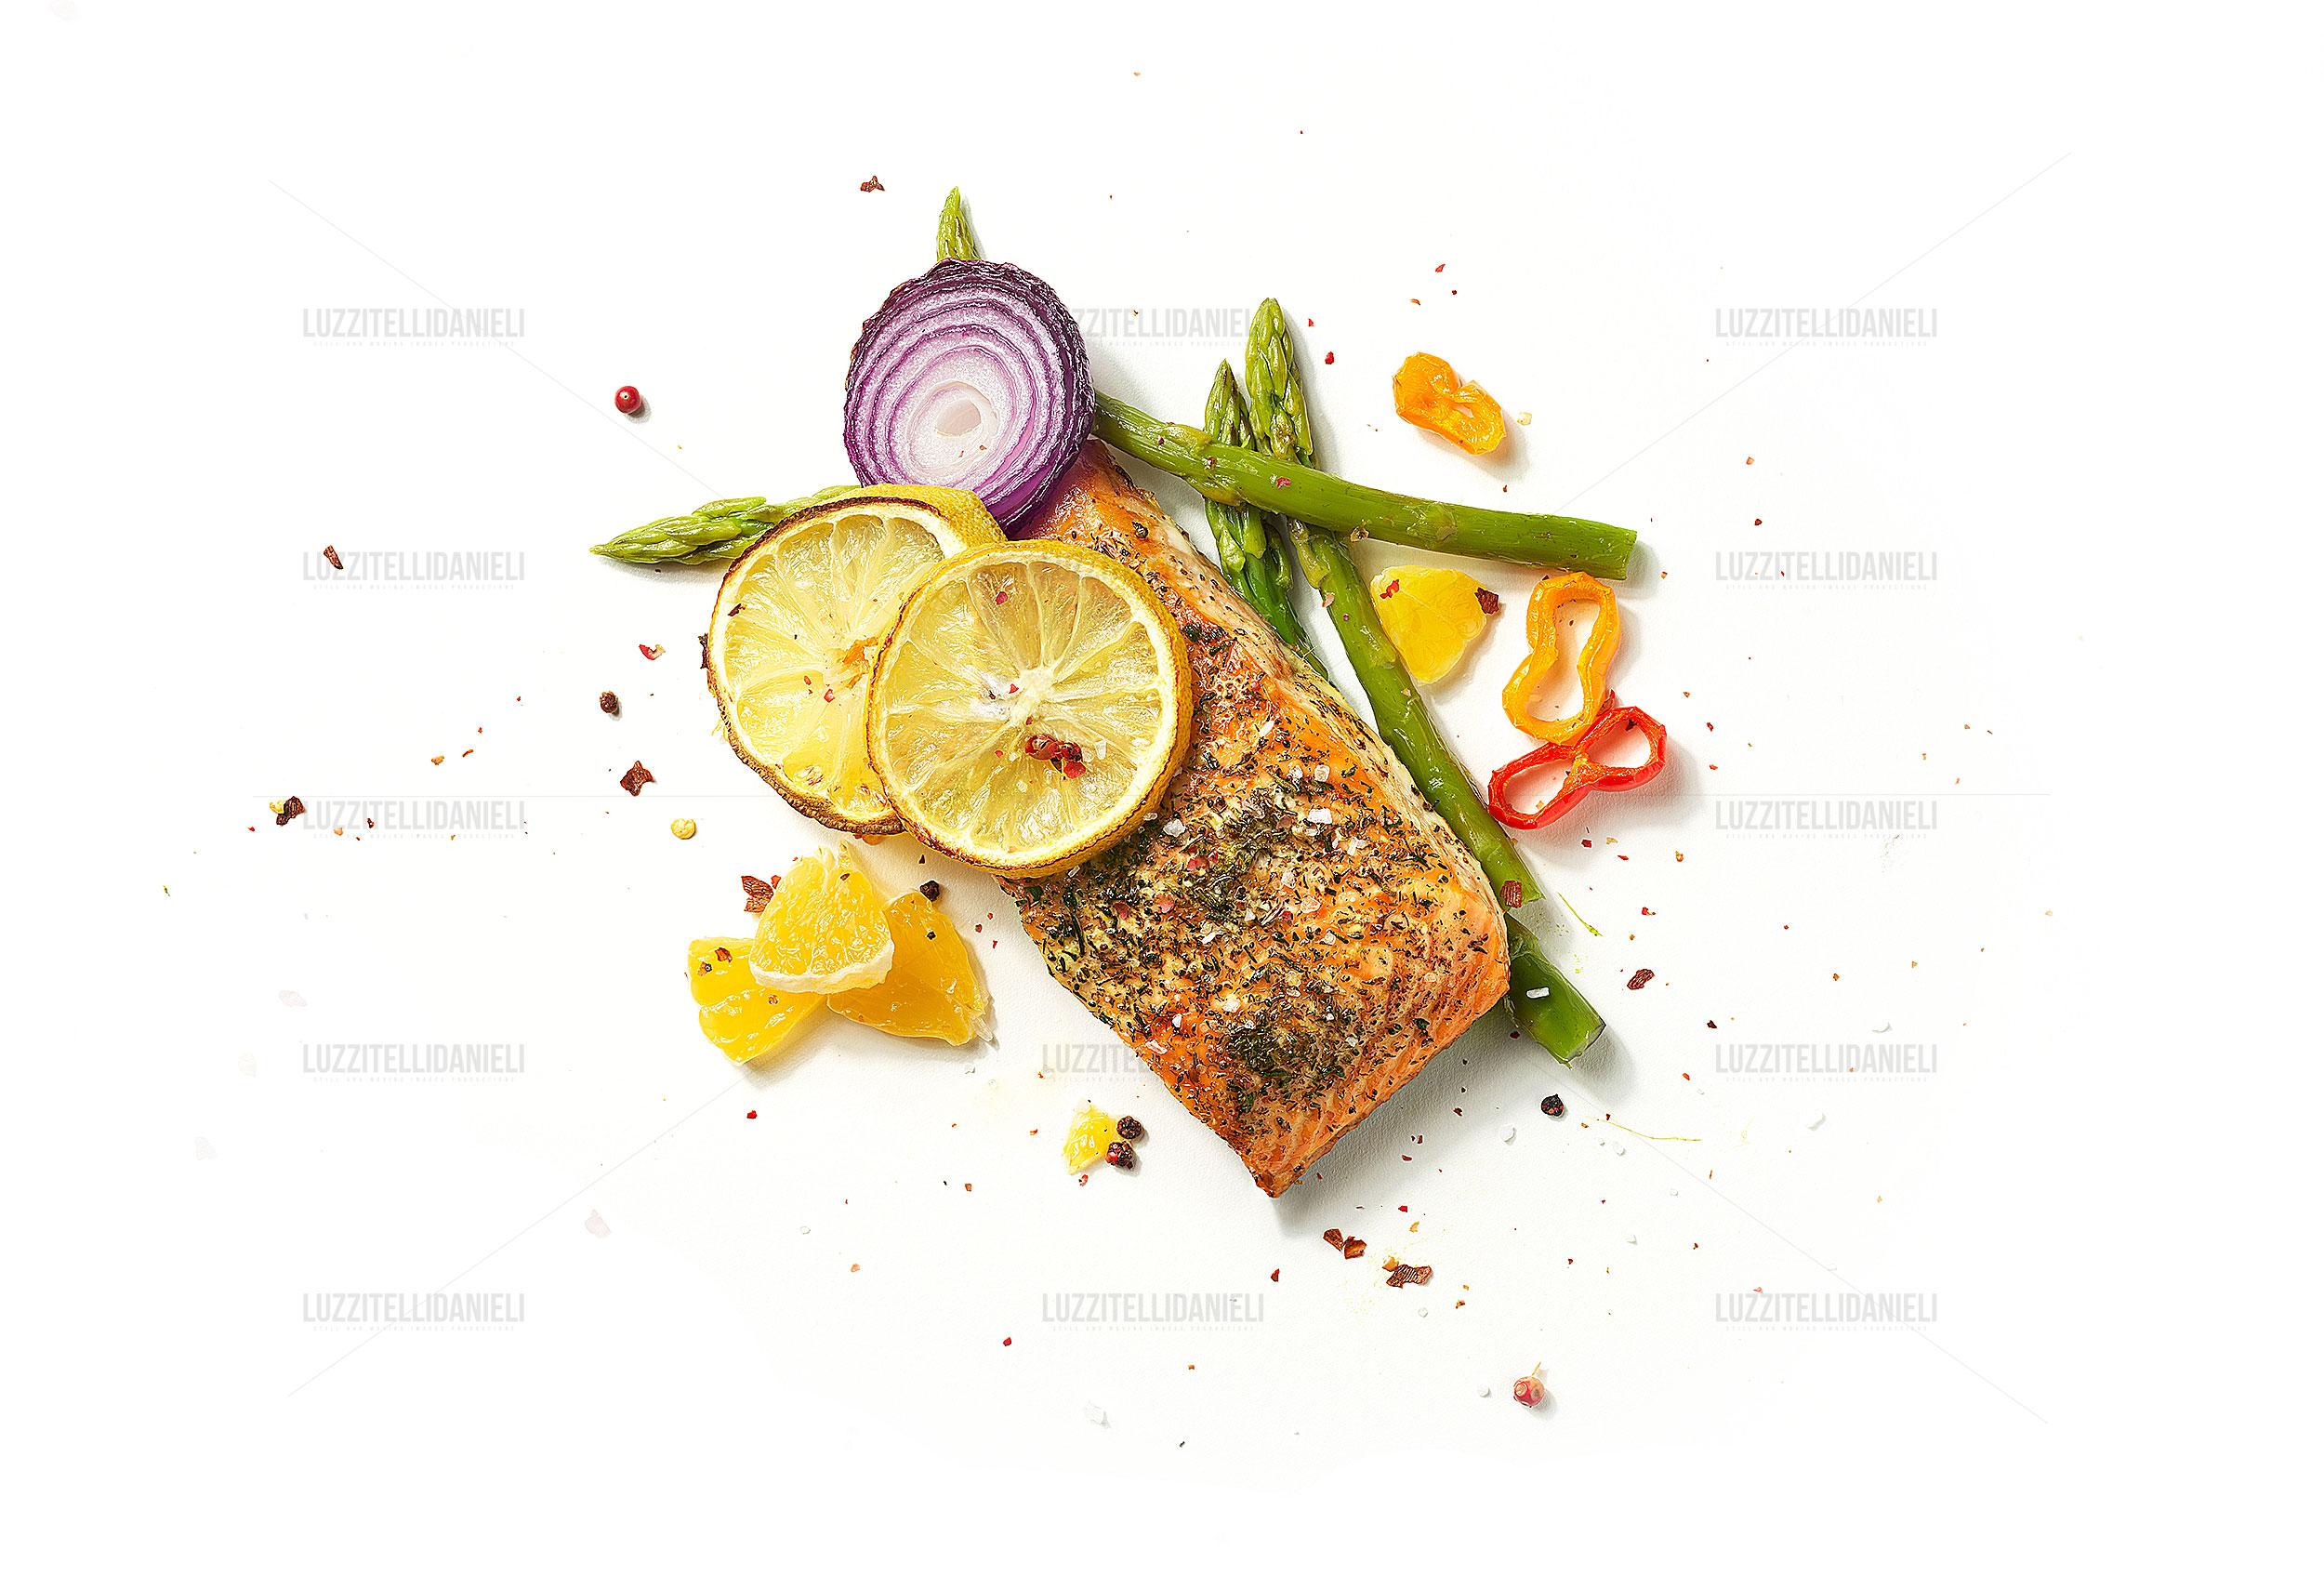 salmone al forno - baked salmon